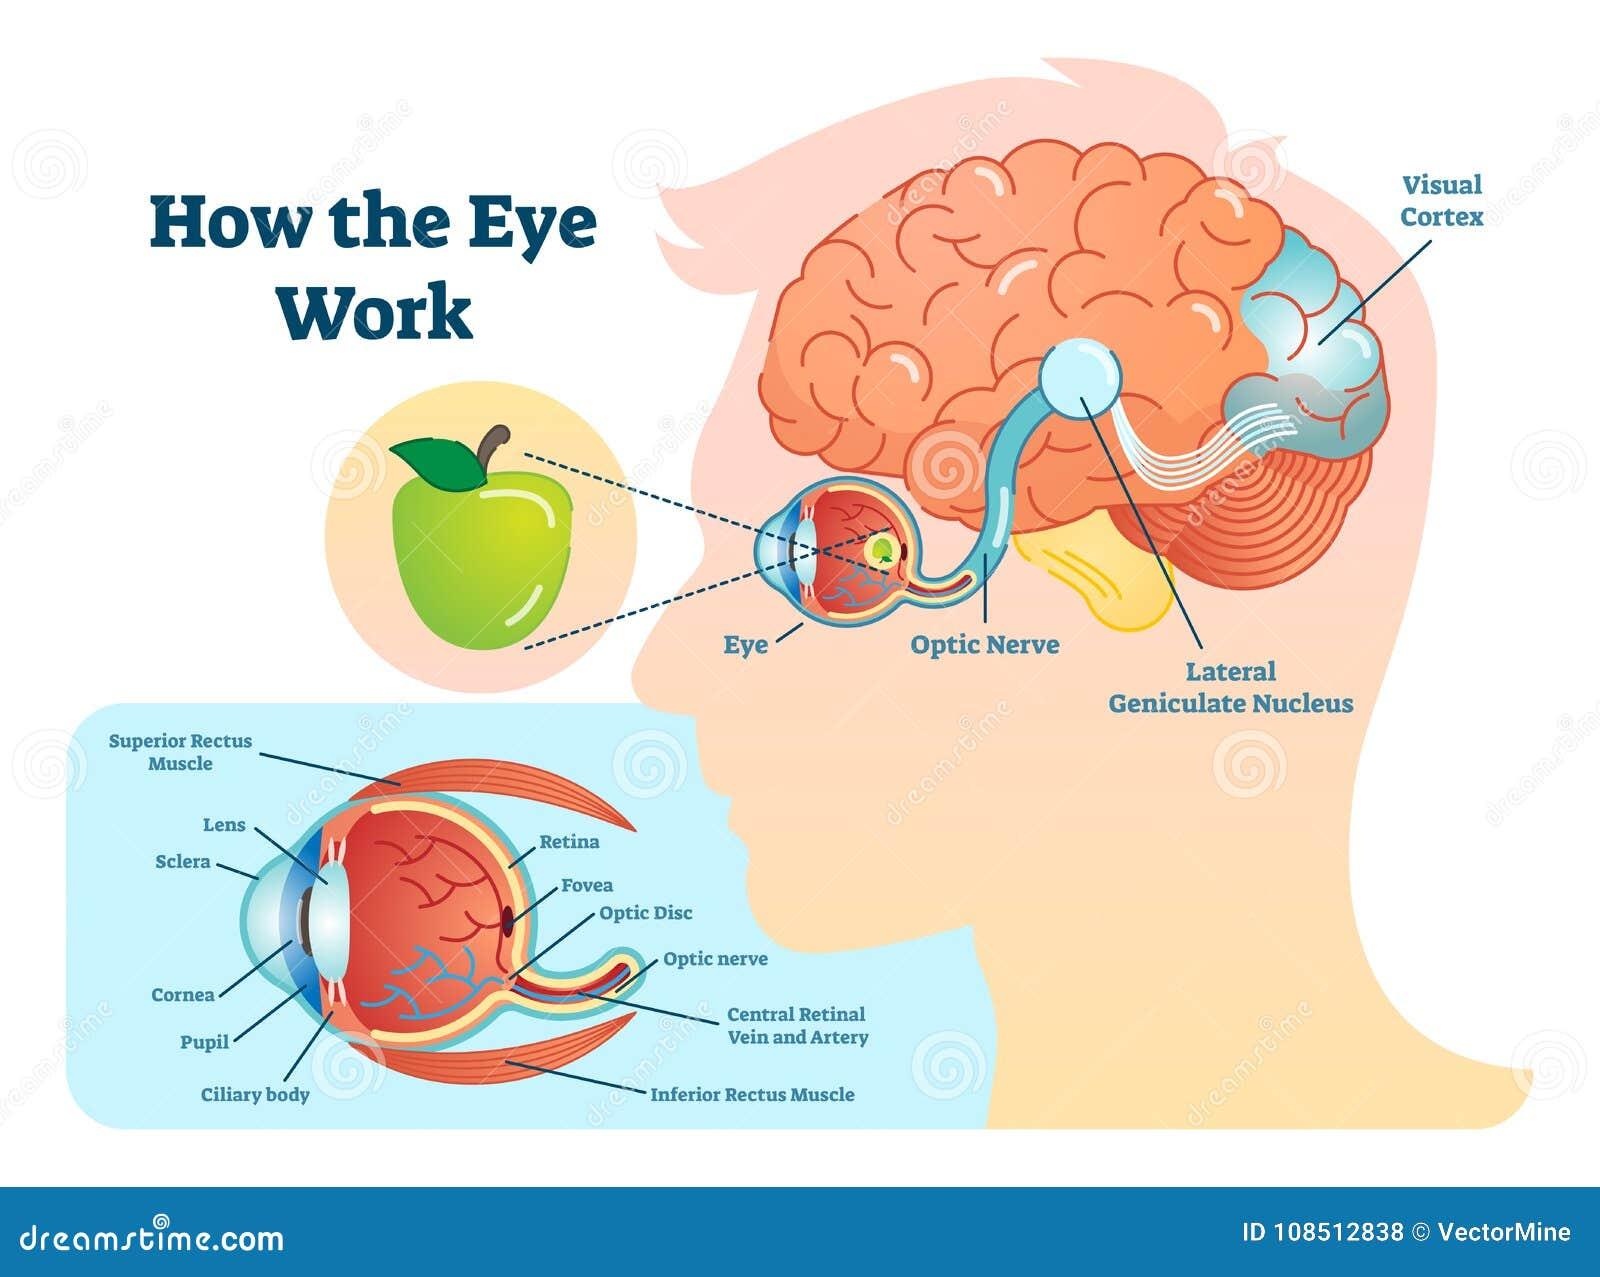 Hermosa Diagrama De Marcado Cerebro Molde - Imágenes de Anatomía ...